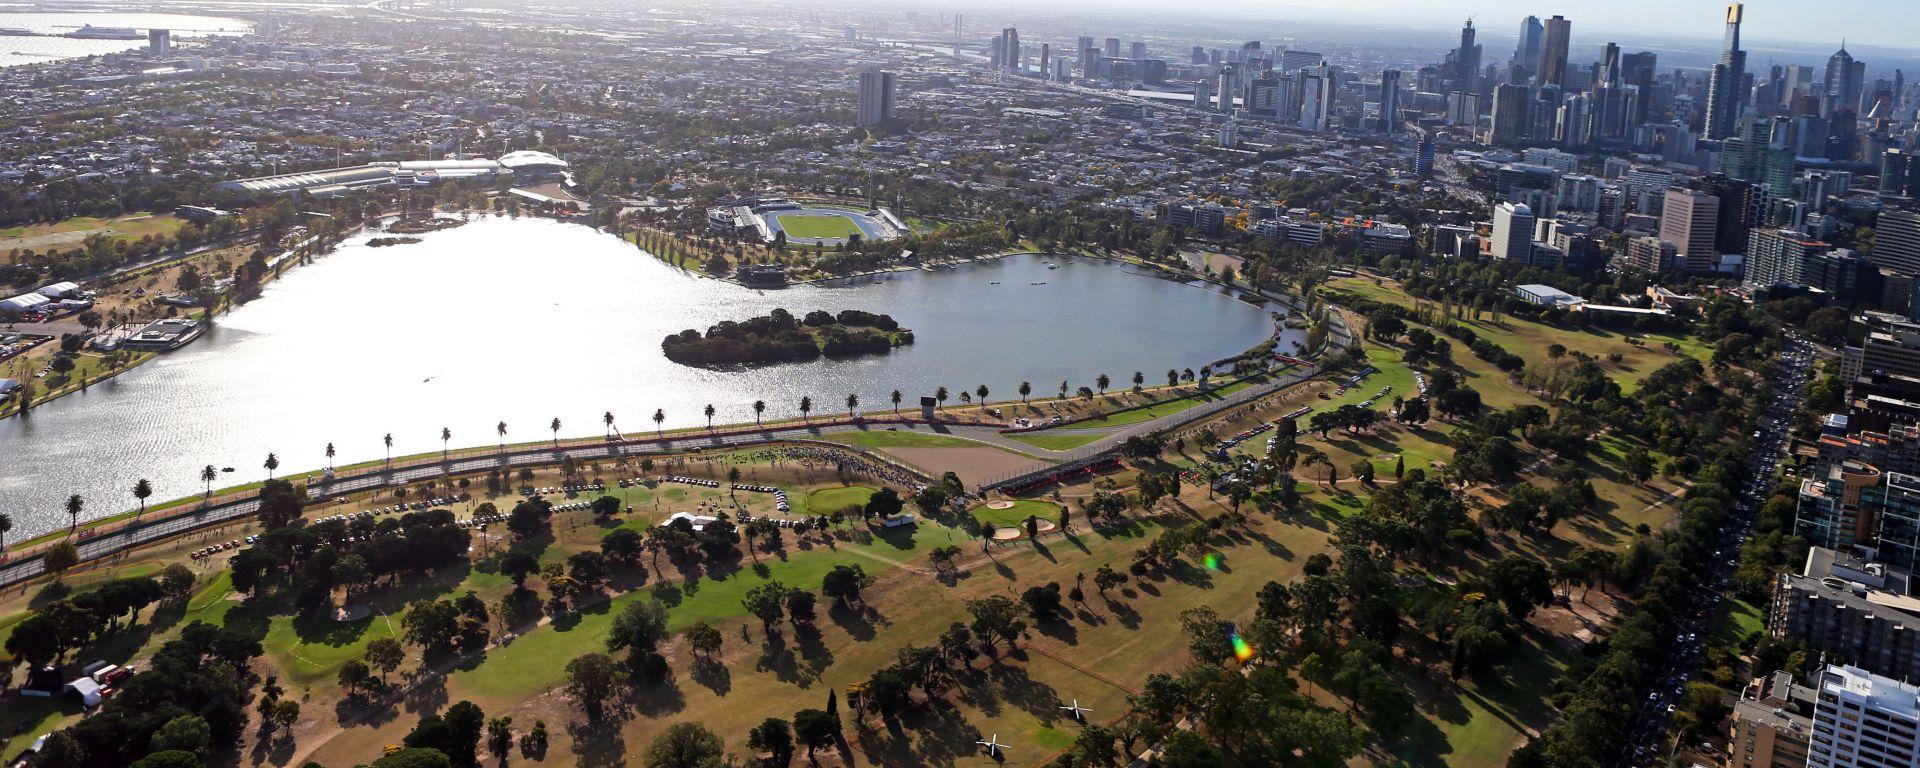 F1 GP Australia 2020, Melbourne: vista aerea della chicane che sarà eliminata (in basso)